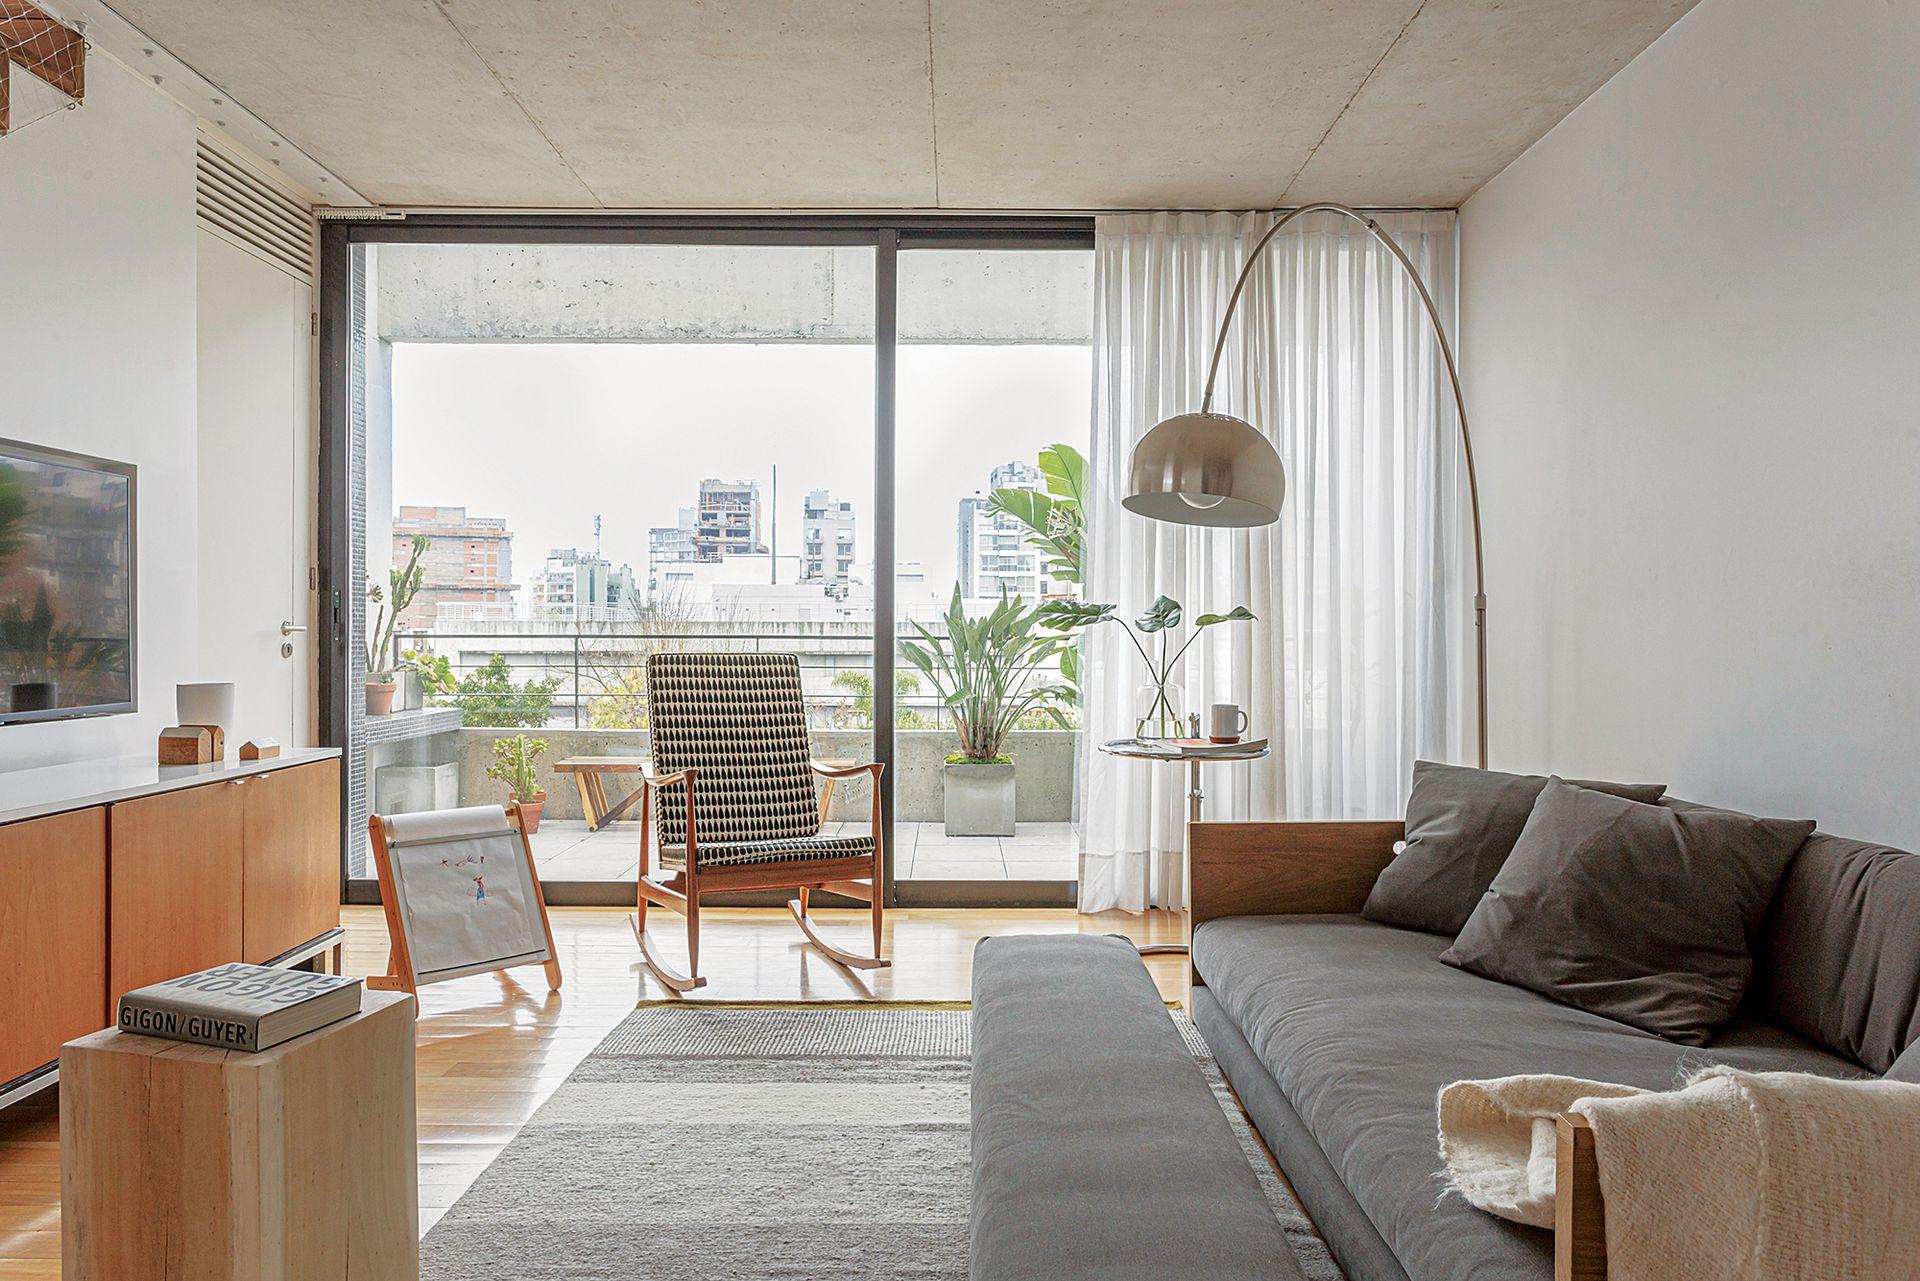 Sillón 'Petiso' de 2x1,20m con estructura de madera y apoyapiés (Helmut) tapizado (Fluoh Objetos Textiles). Alfombra a rayas (Elementos Argentinos).